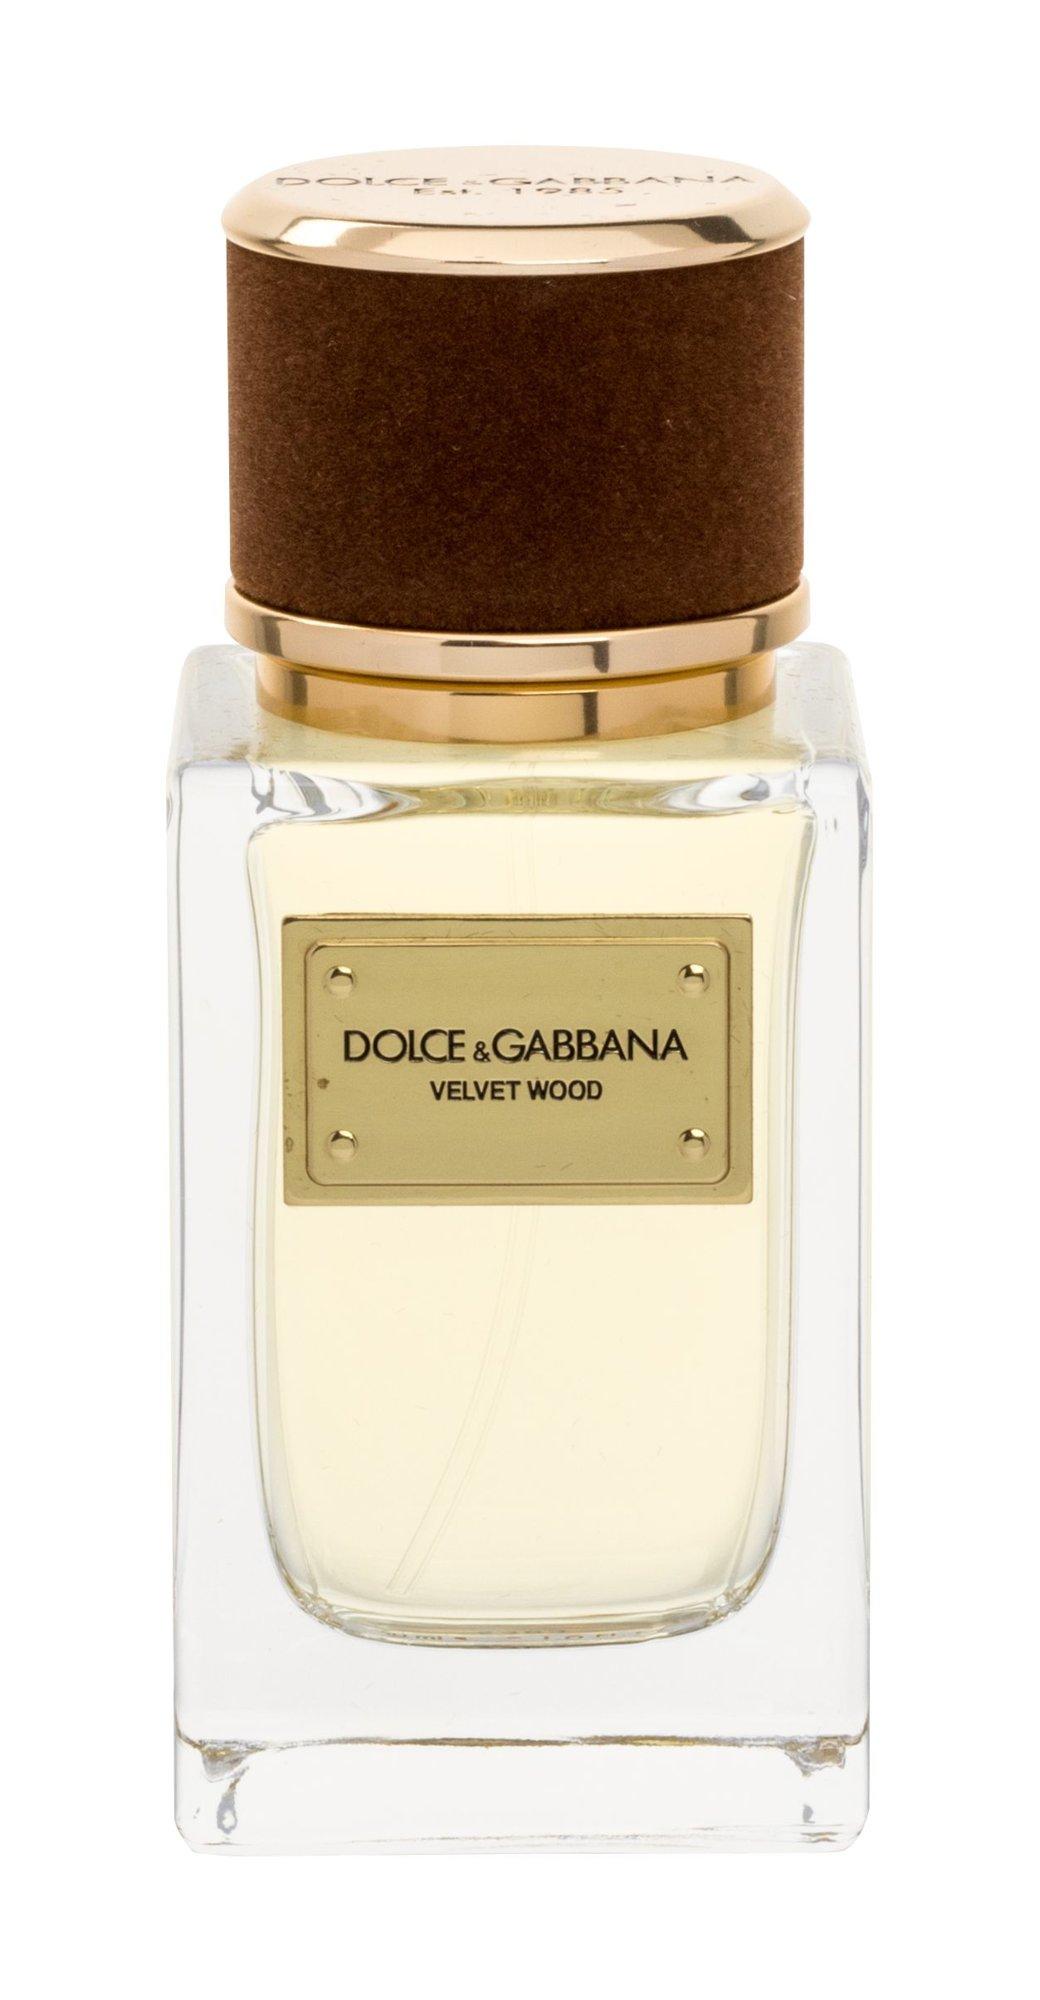 Dolce&Gabbana Velvet Wood EDP 50ml